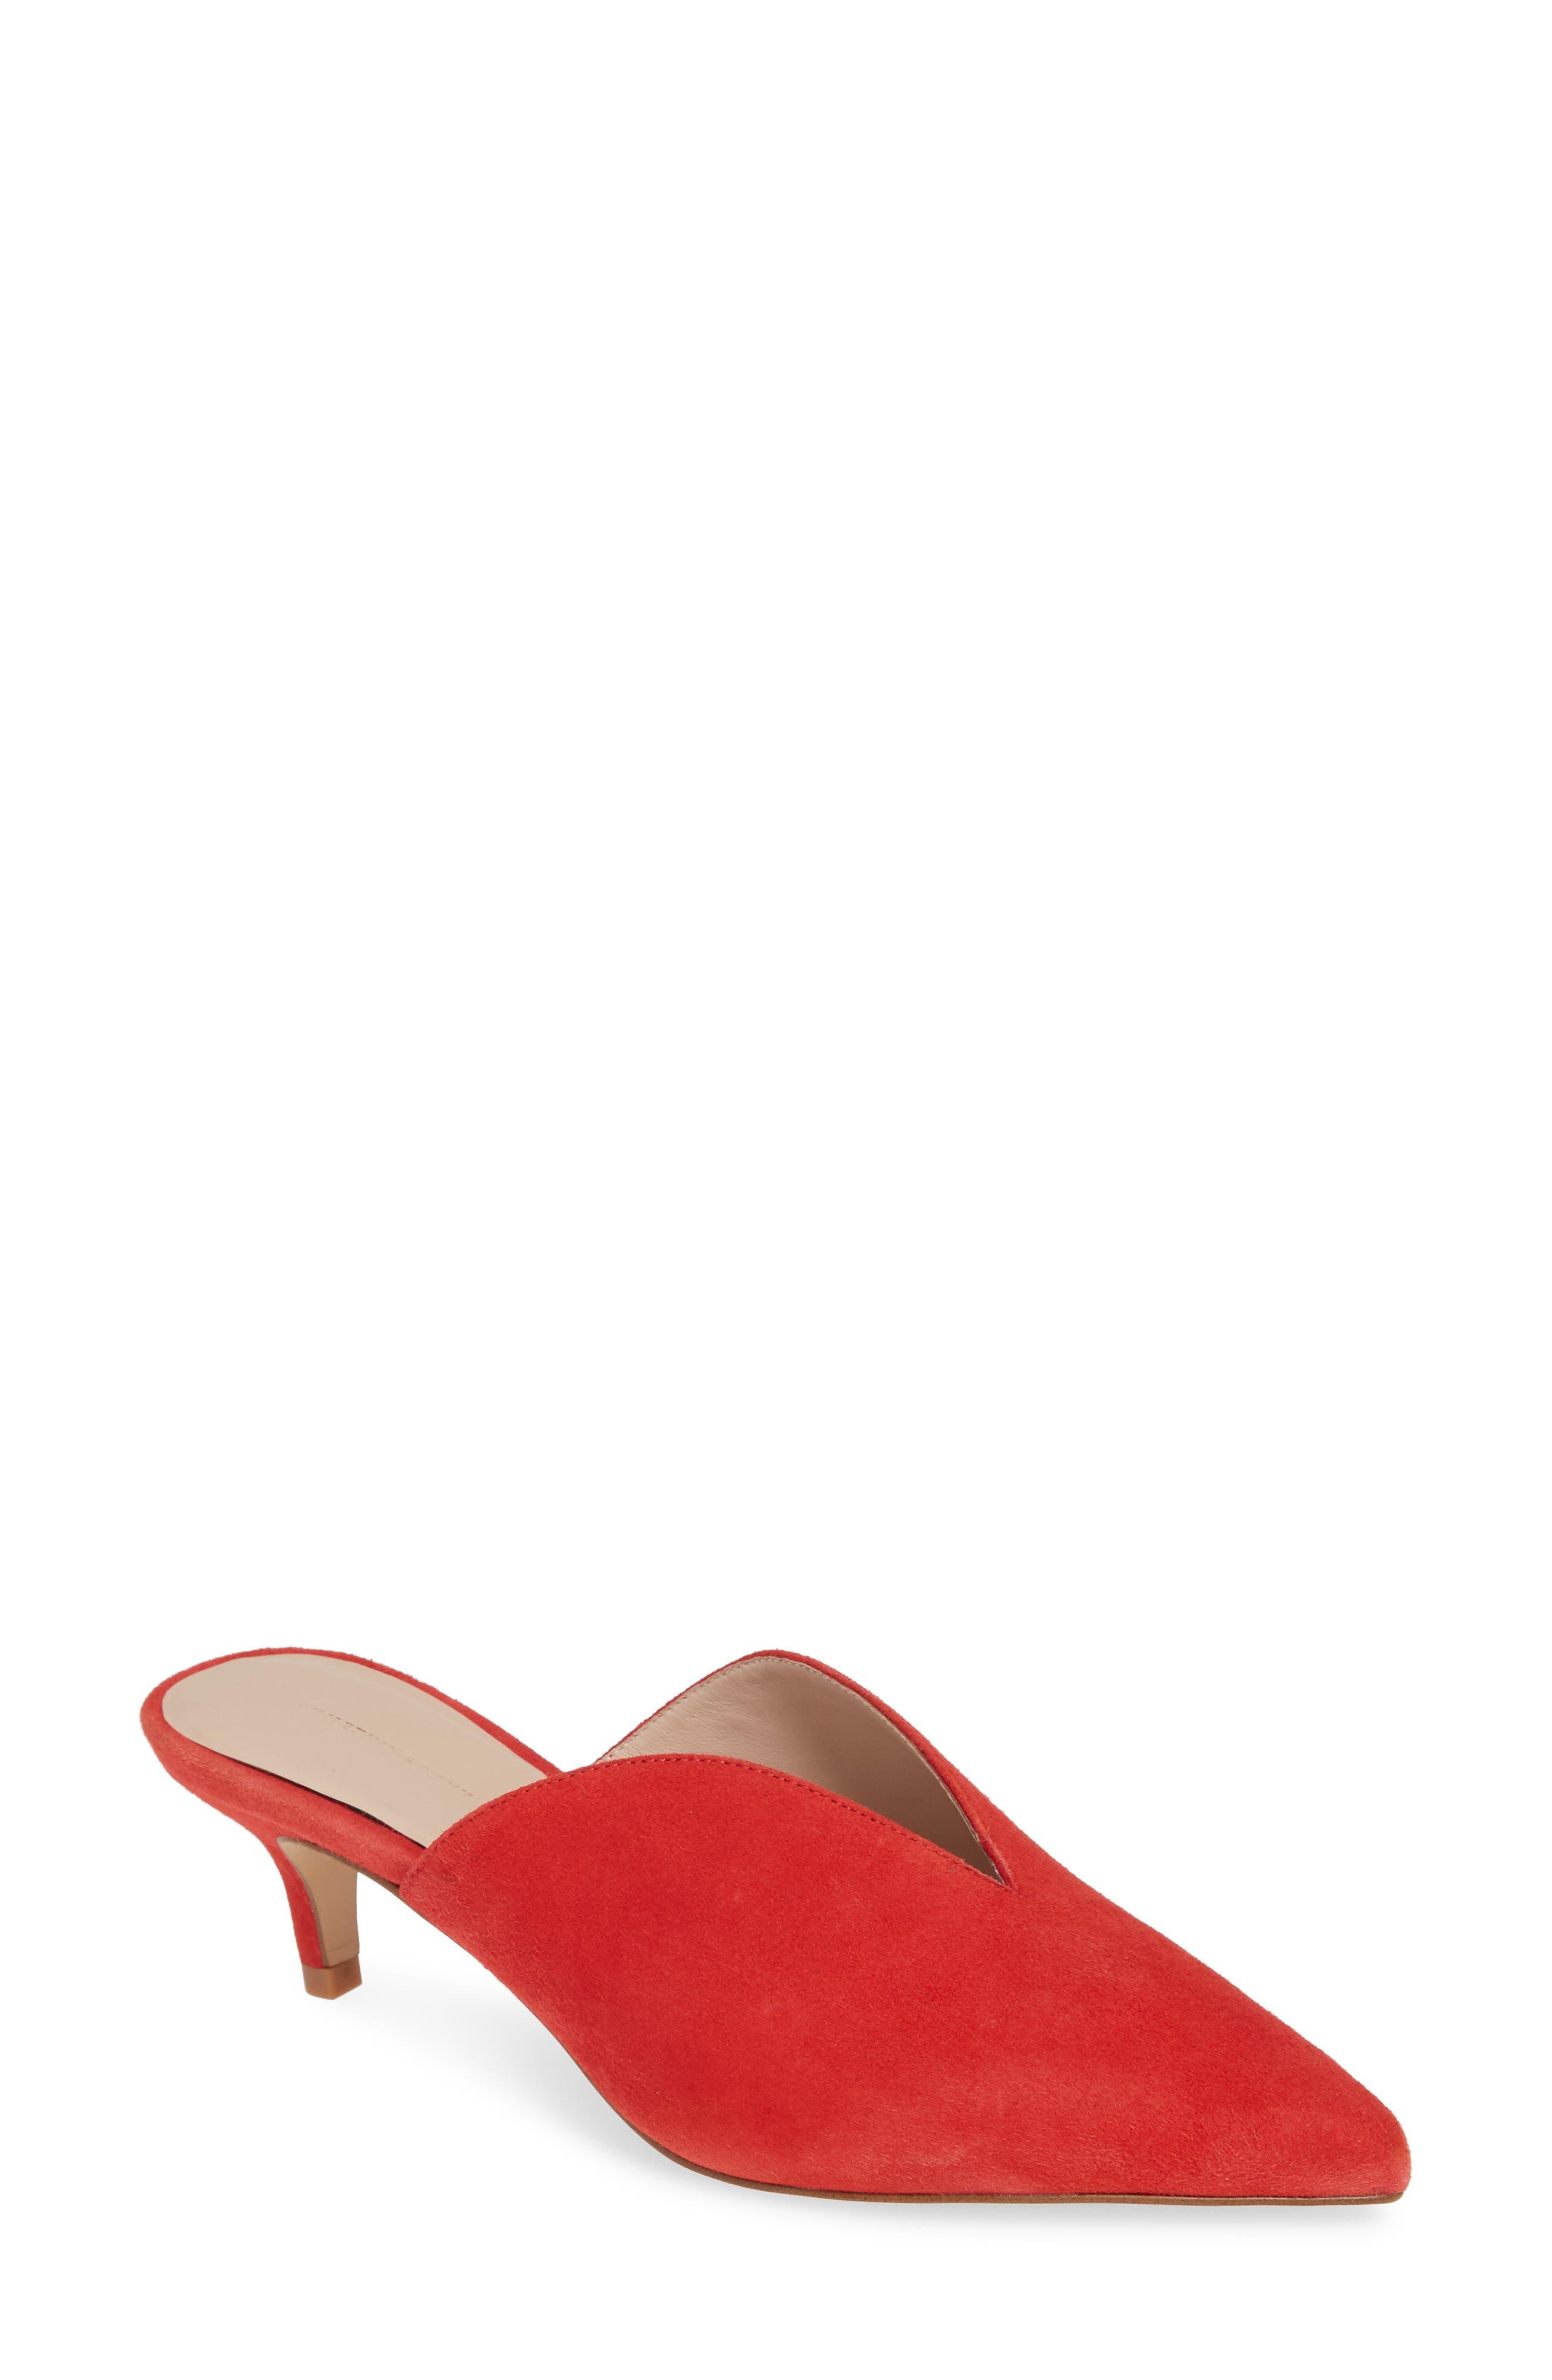 Utopia Kitten Heel Mule,                         Main,                         color, RED SUEDE